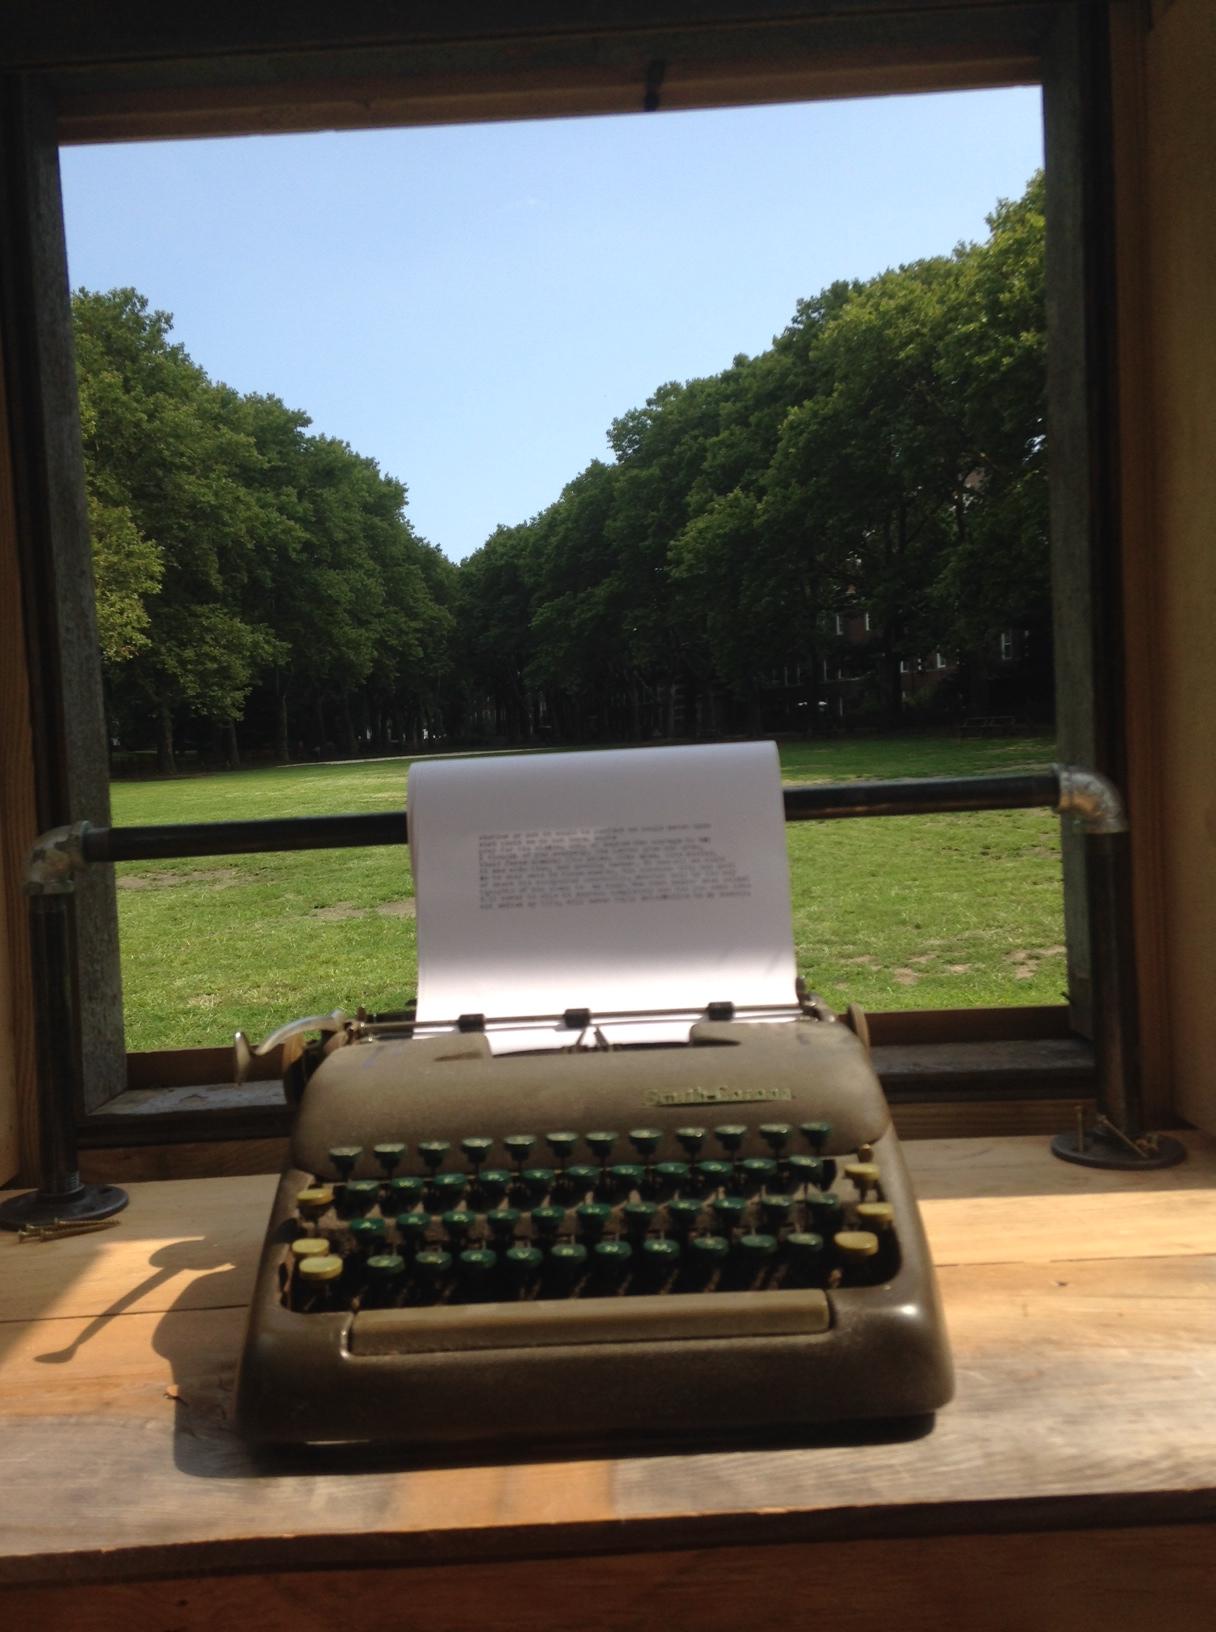 typewriter-photo-4.jpg